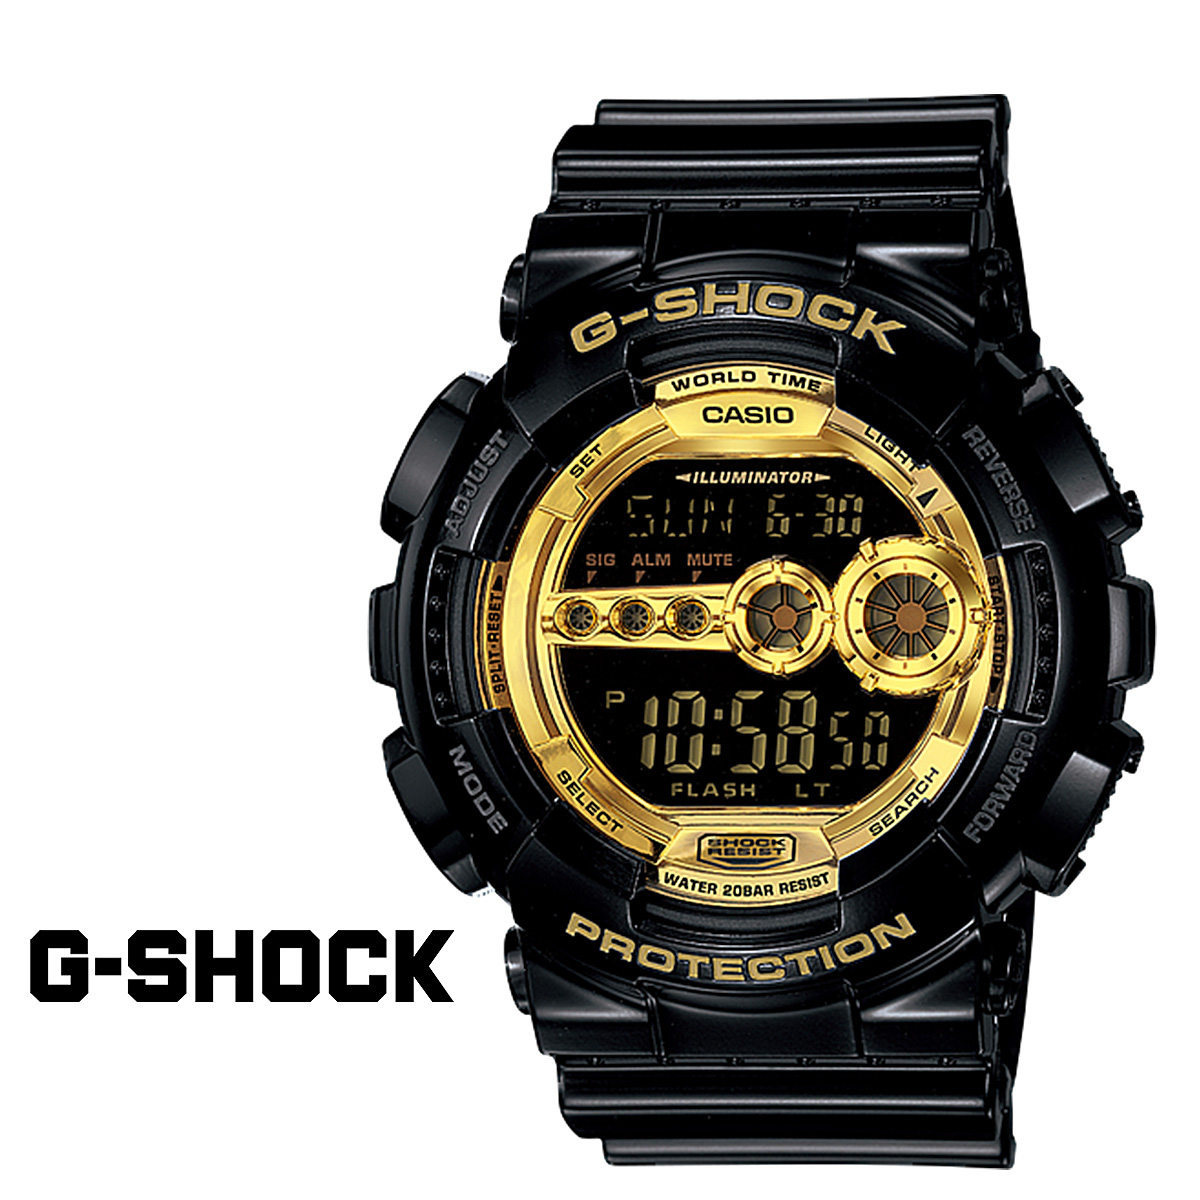 【最大2000円OFFクーポン】 カシオ CASIO G-SHOCK 腕時計 GD-100GB-1JF BLACK GOLD SERIES ジーショック Gショック G-ショック メンズ レディース